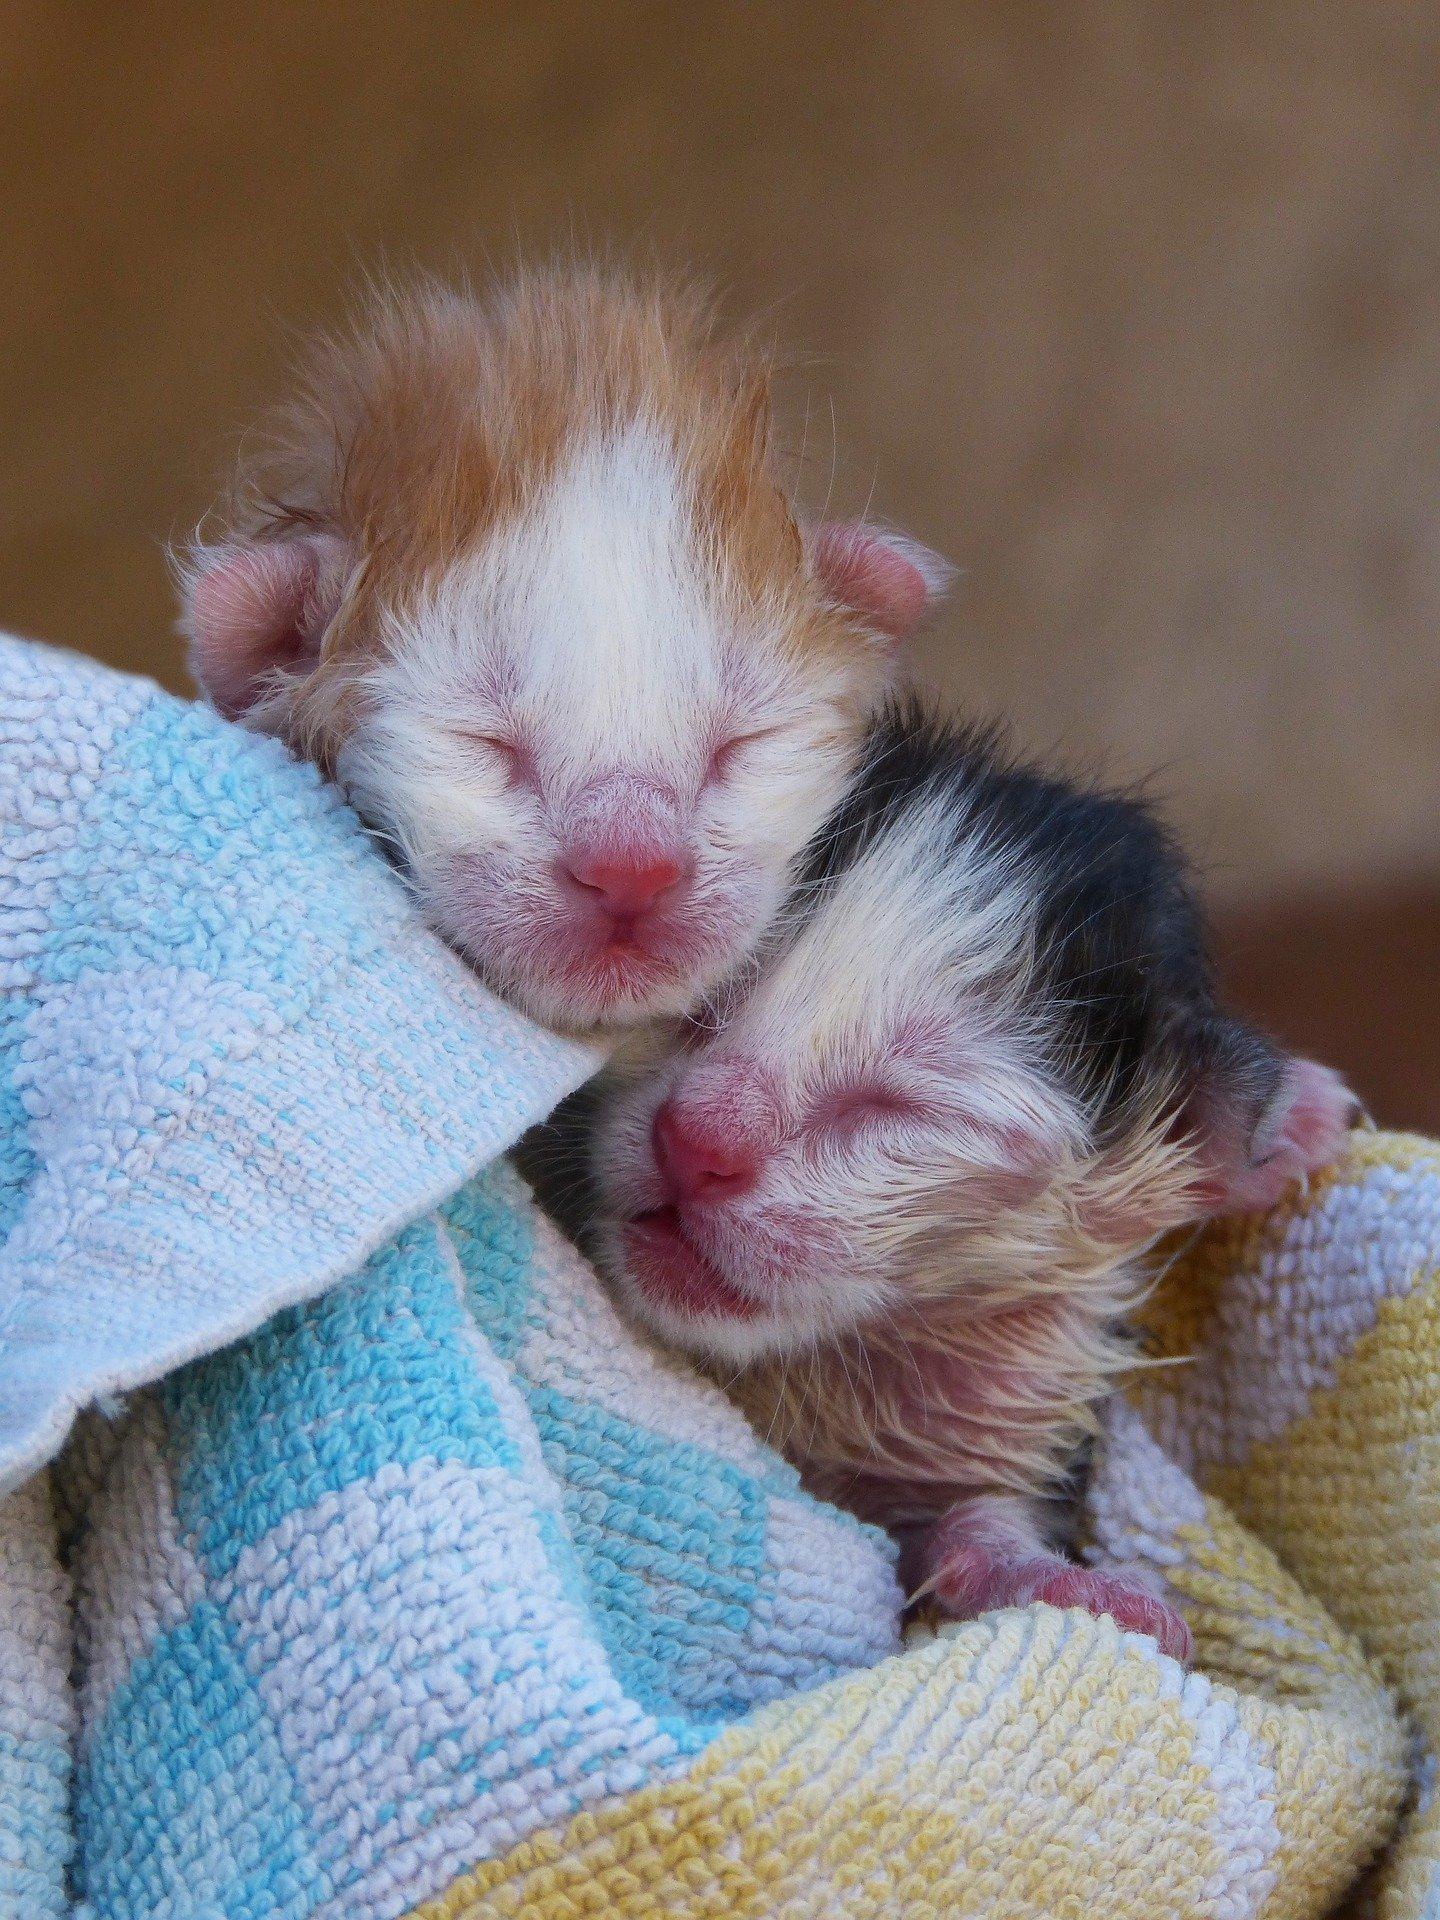 Gatti appena nati: come prendersi cura delle loro esigenze